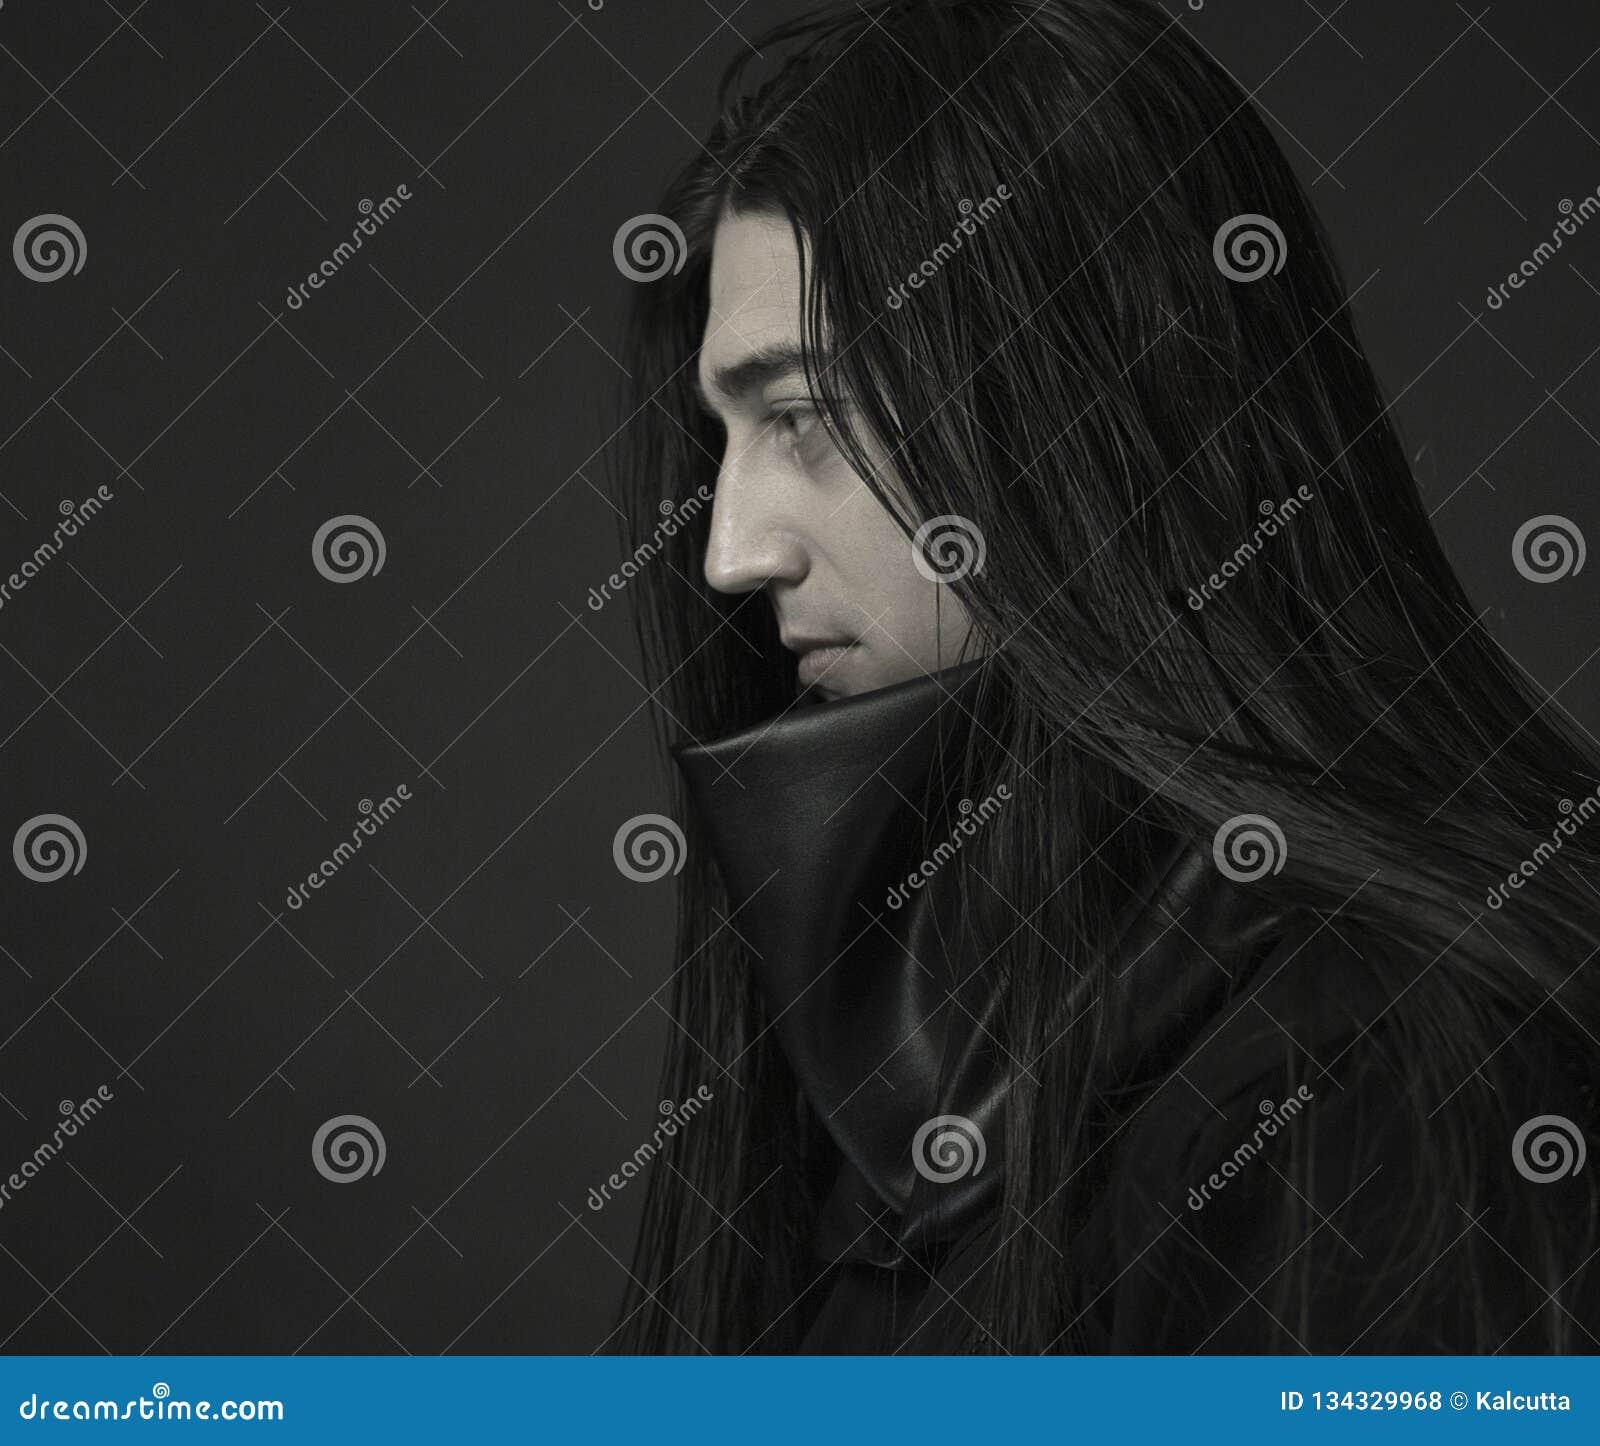 Stilfull stilig ung man Caucasian mans stående man i svart kläder med mörkt långt hår